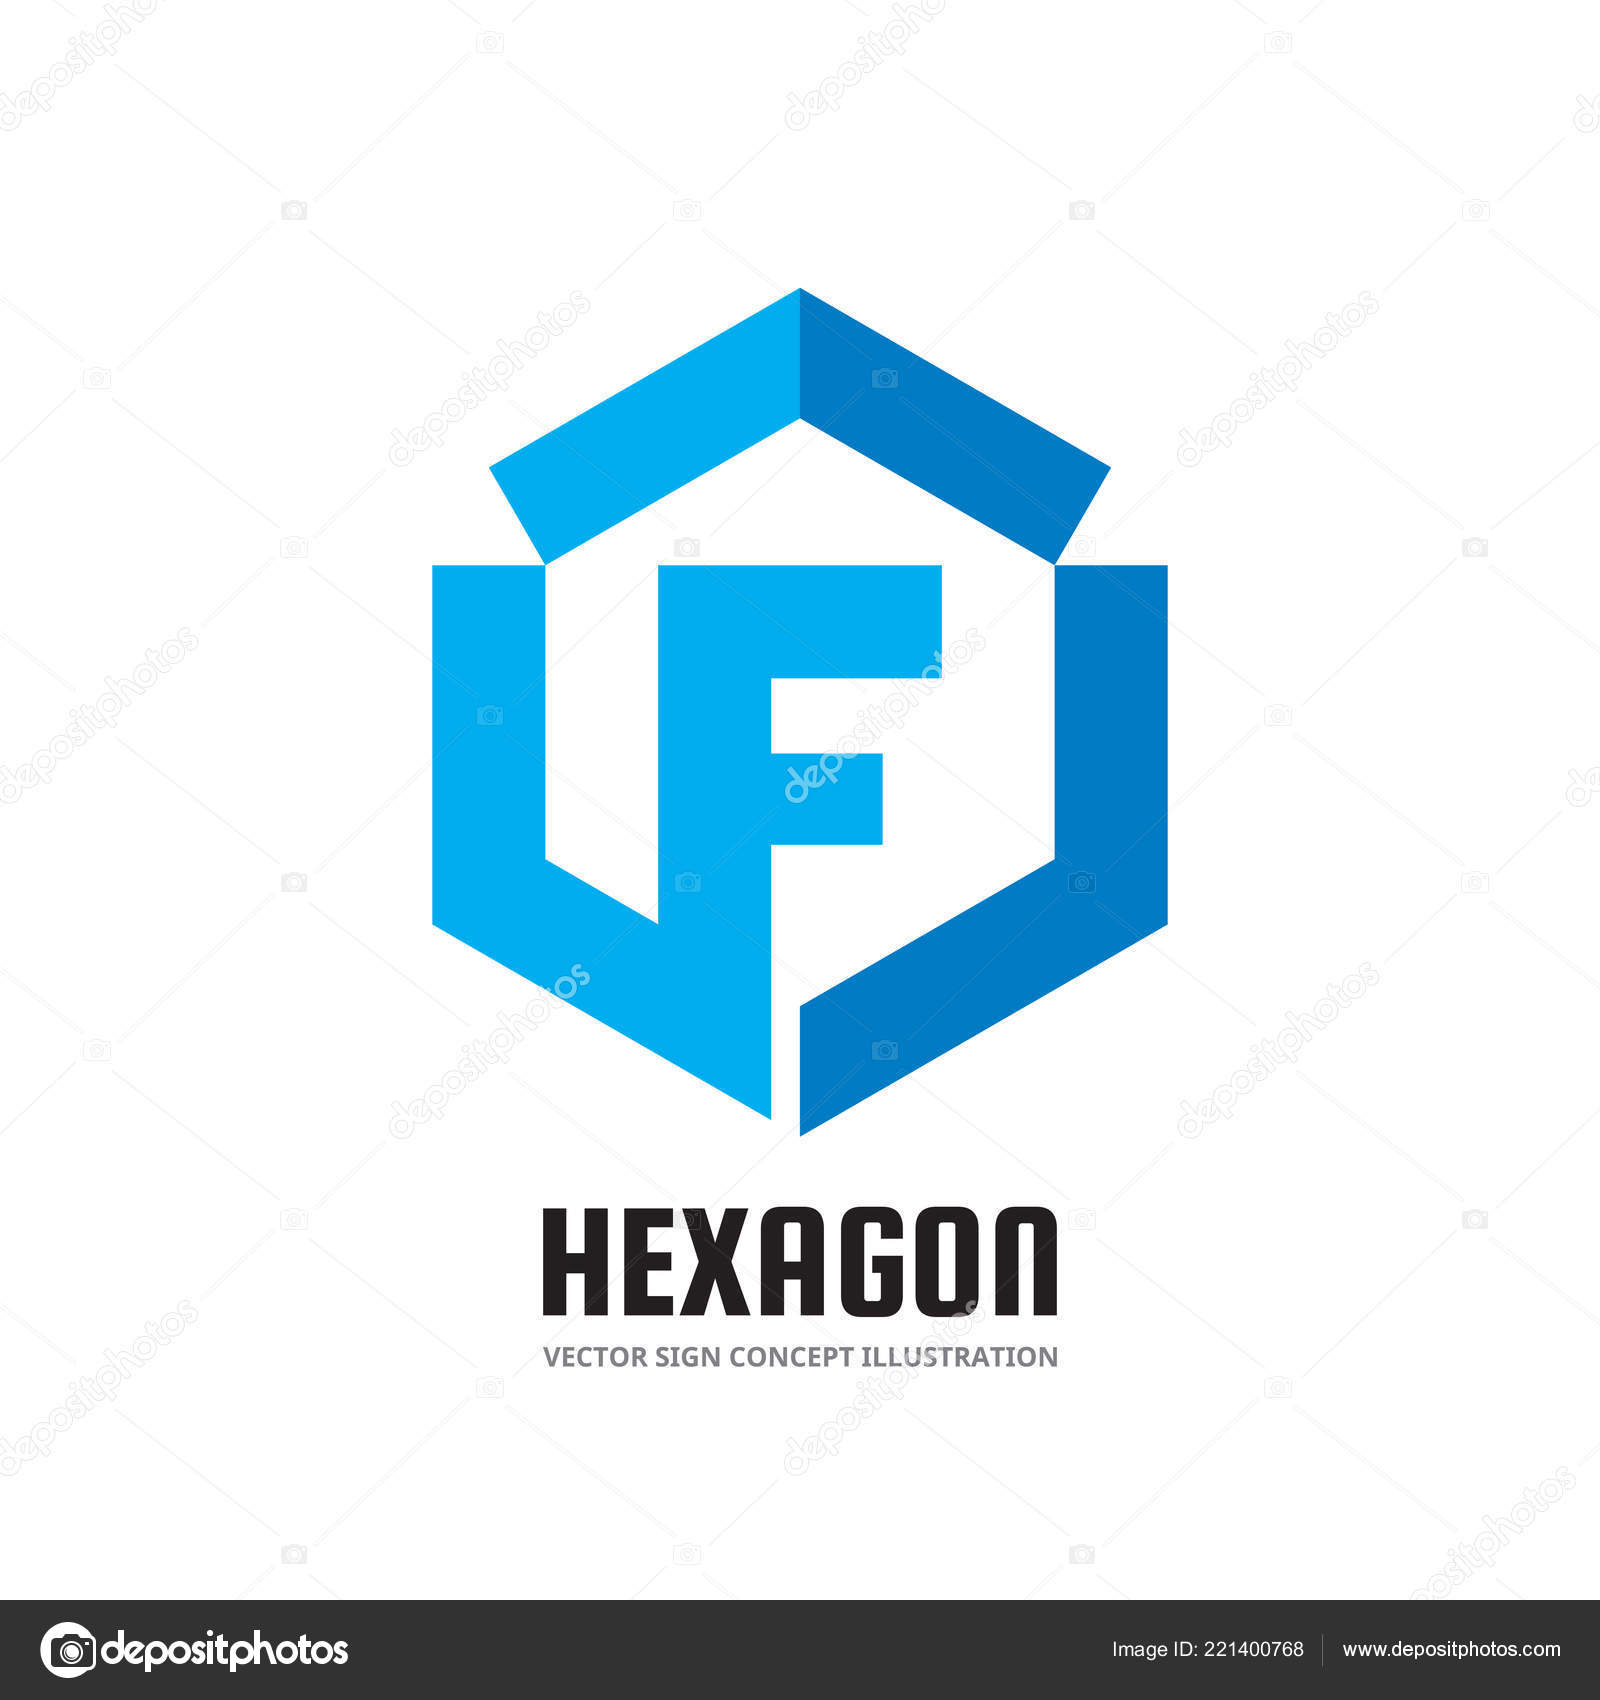 1f59fe01152af Letra F - vector business logo plantilla concepto ilustración de estilo  plano. Finanzas económica signo geométrico creativo. Símbolo de forma de  hexágono ...